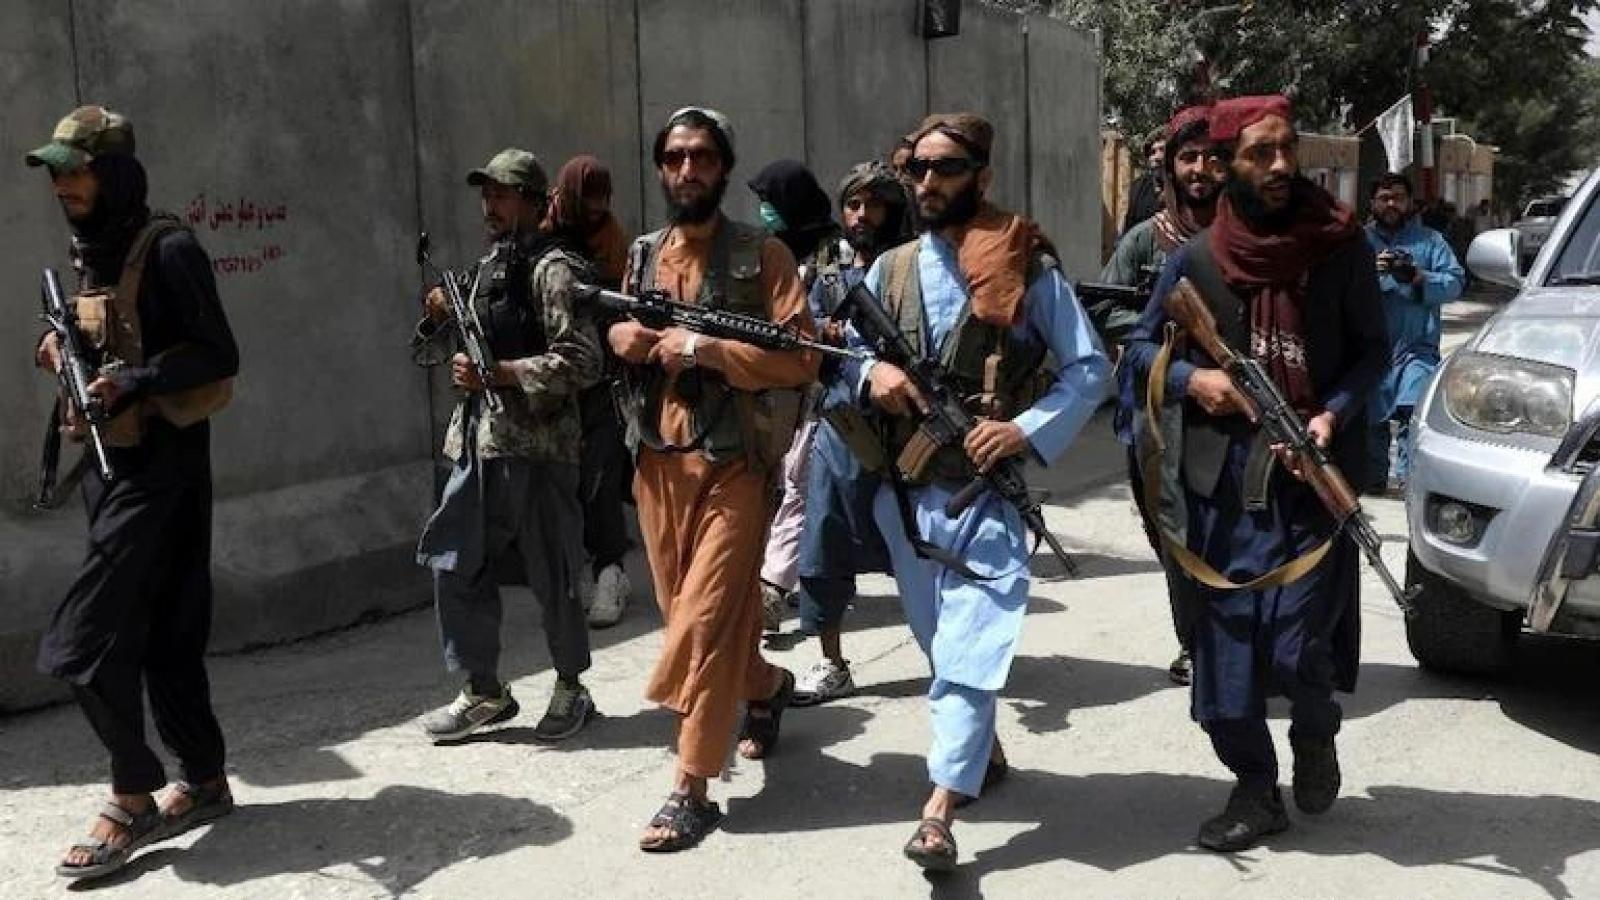 Liệu Ấn Độ và Pakistan có thể hợp tác với chế độ Taliban ở Afghanistan?